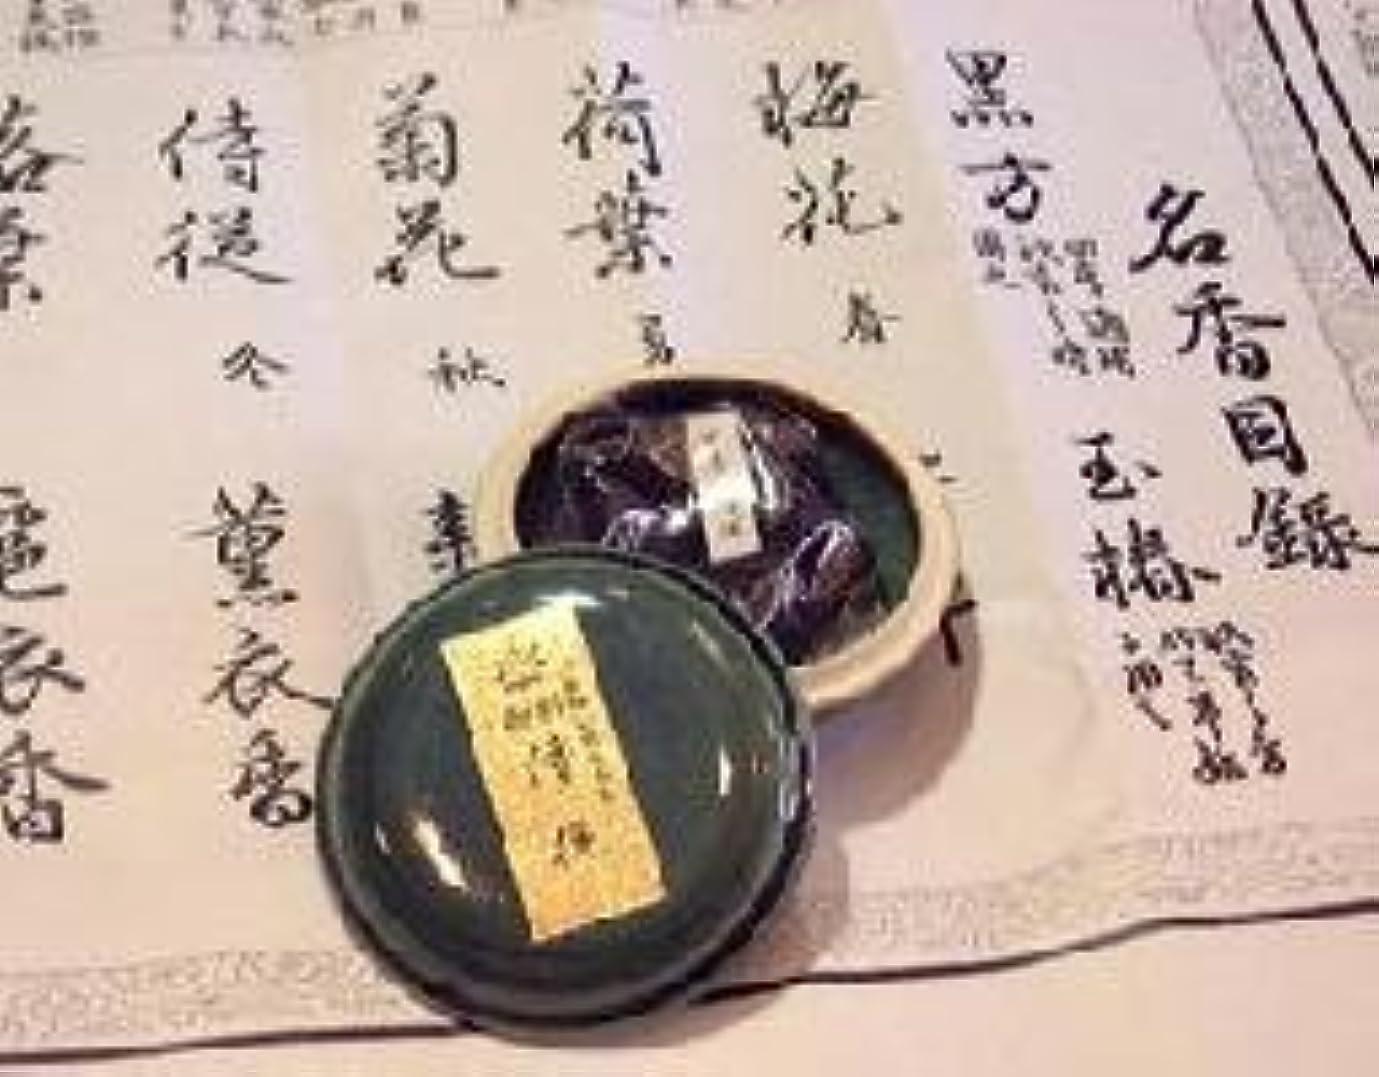 硬化する来て問い合わせる鳩居堂の煉香 御香 侍従 桐箱 たと紙 陶器香合11g入 #505